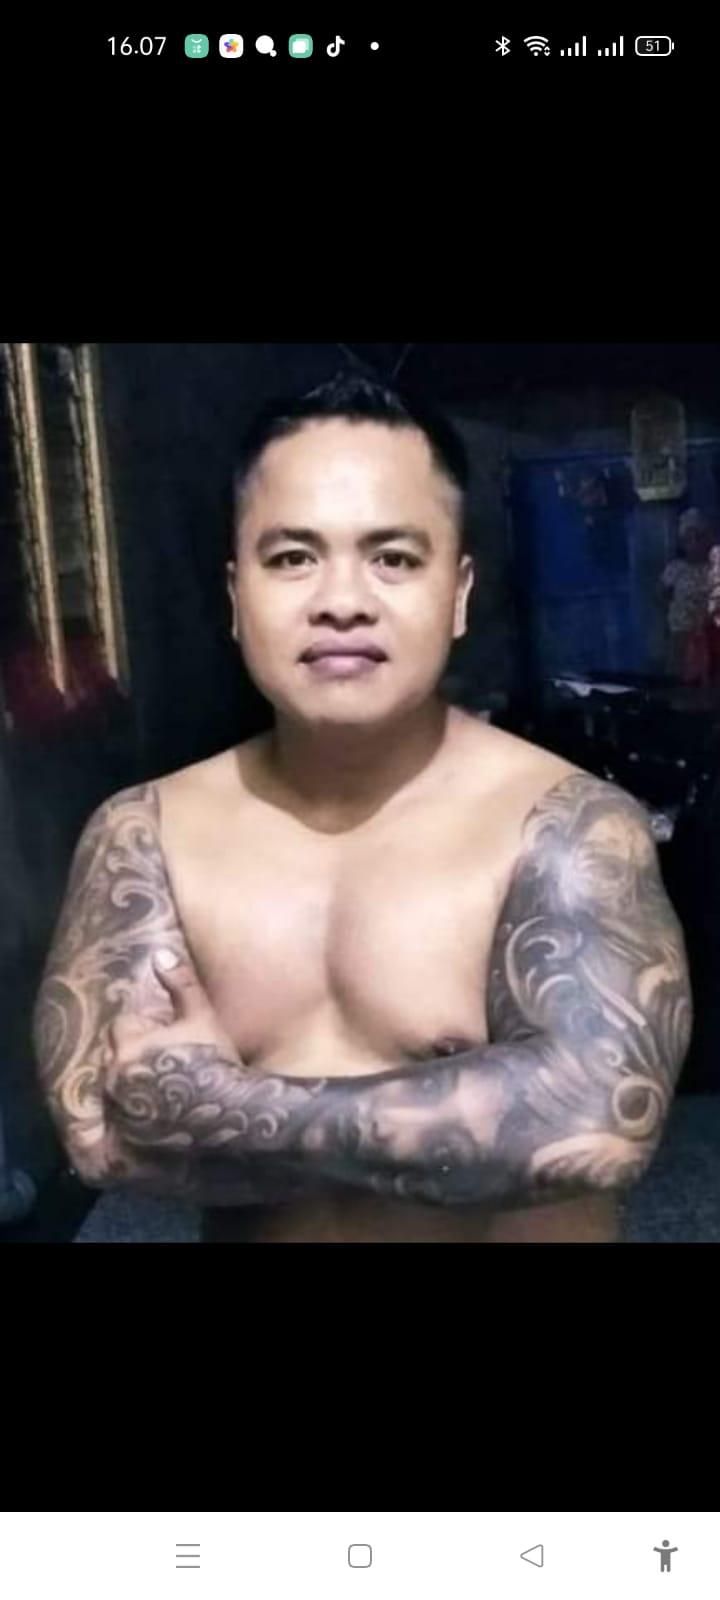 Pembunuh Gede B. Wayan S, Akhir nya  ketangkap juga,